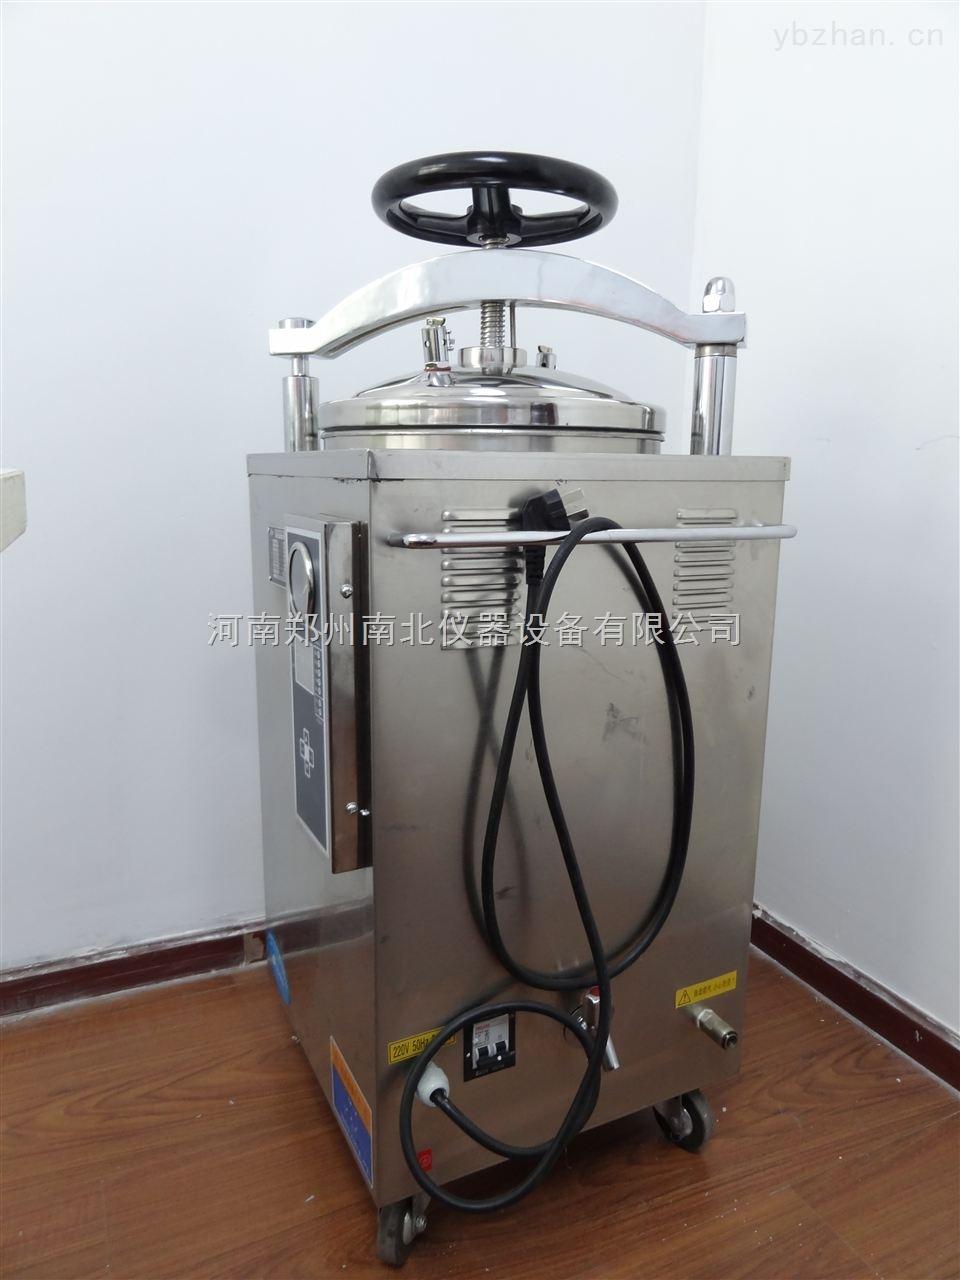 医用高压蒸汽灭菌器